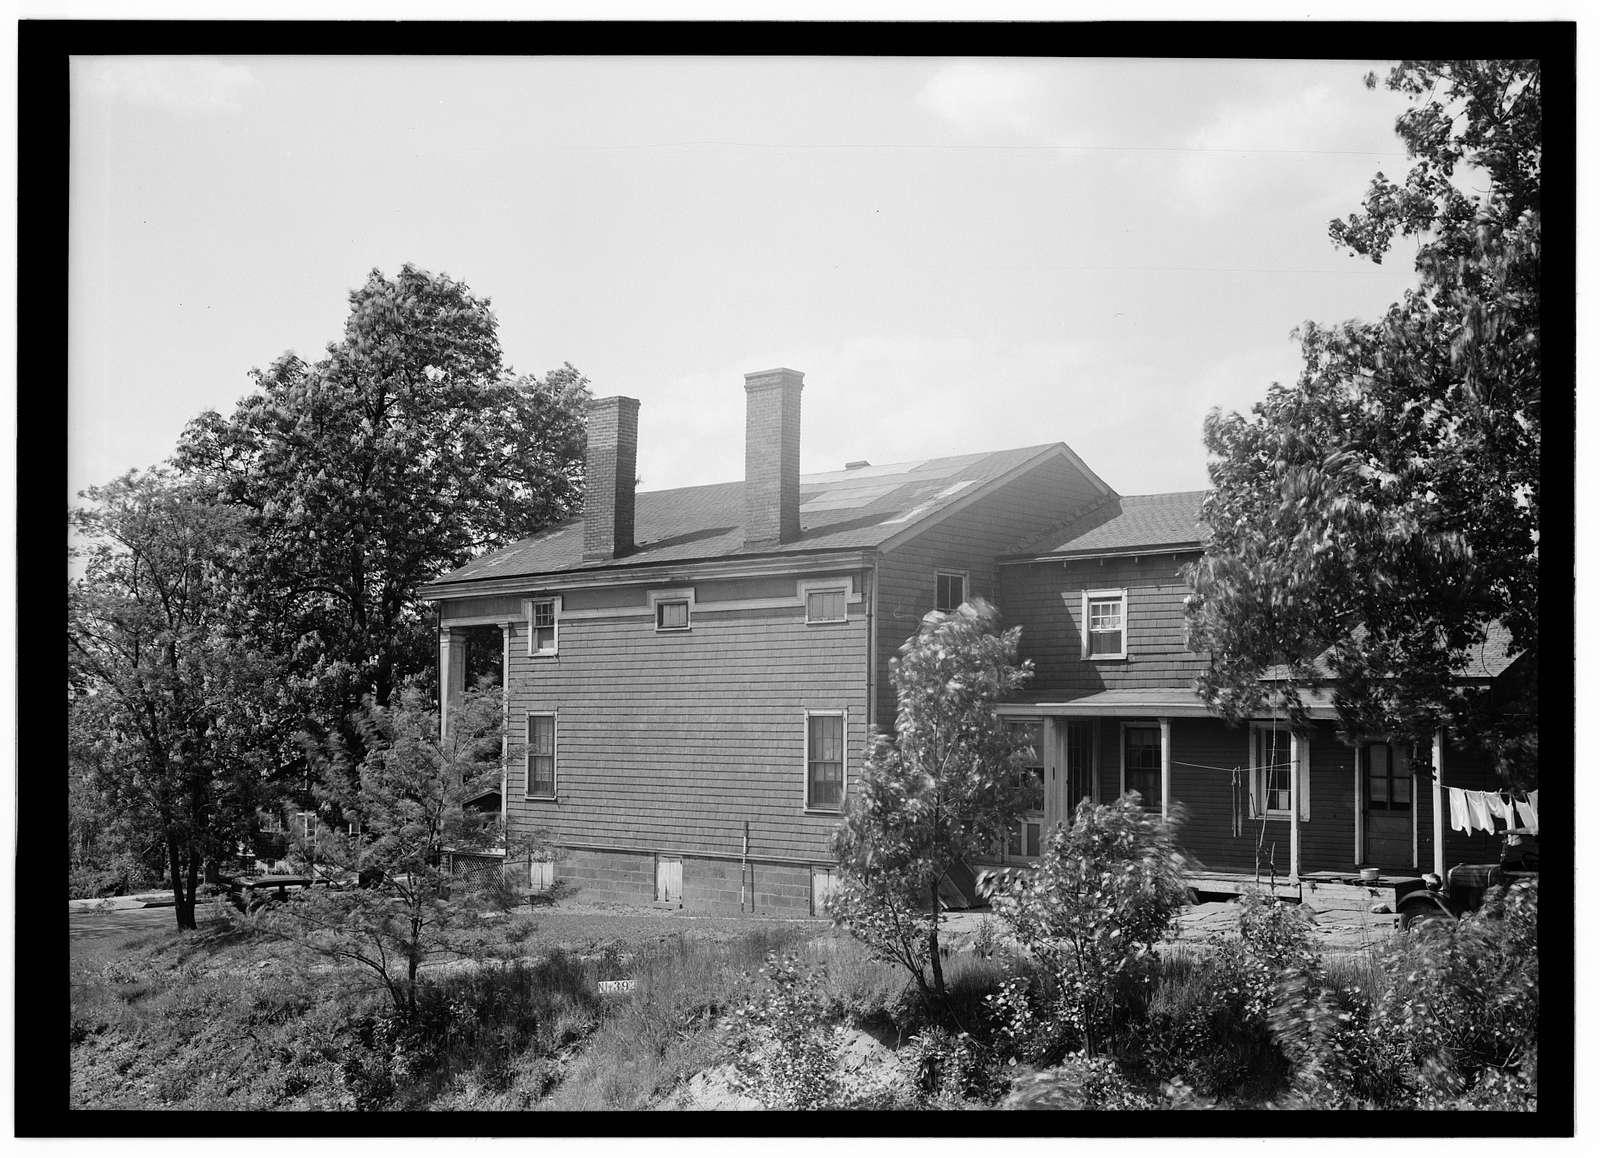 John Van Brunt House, 315 Grand Avenue, Englewood, Bergen County, NJ